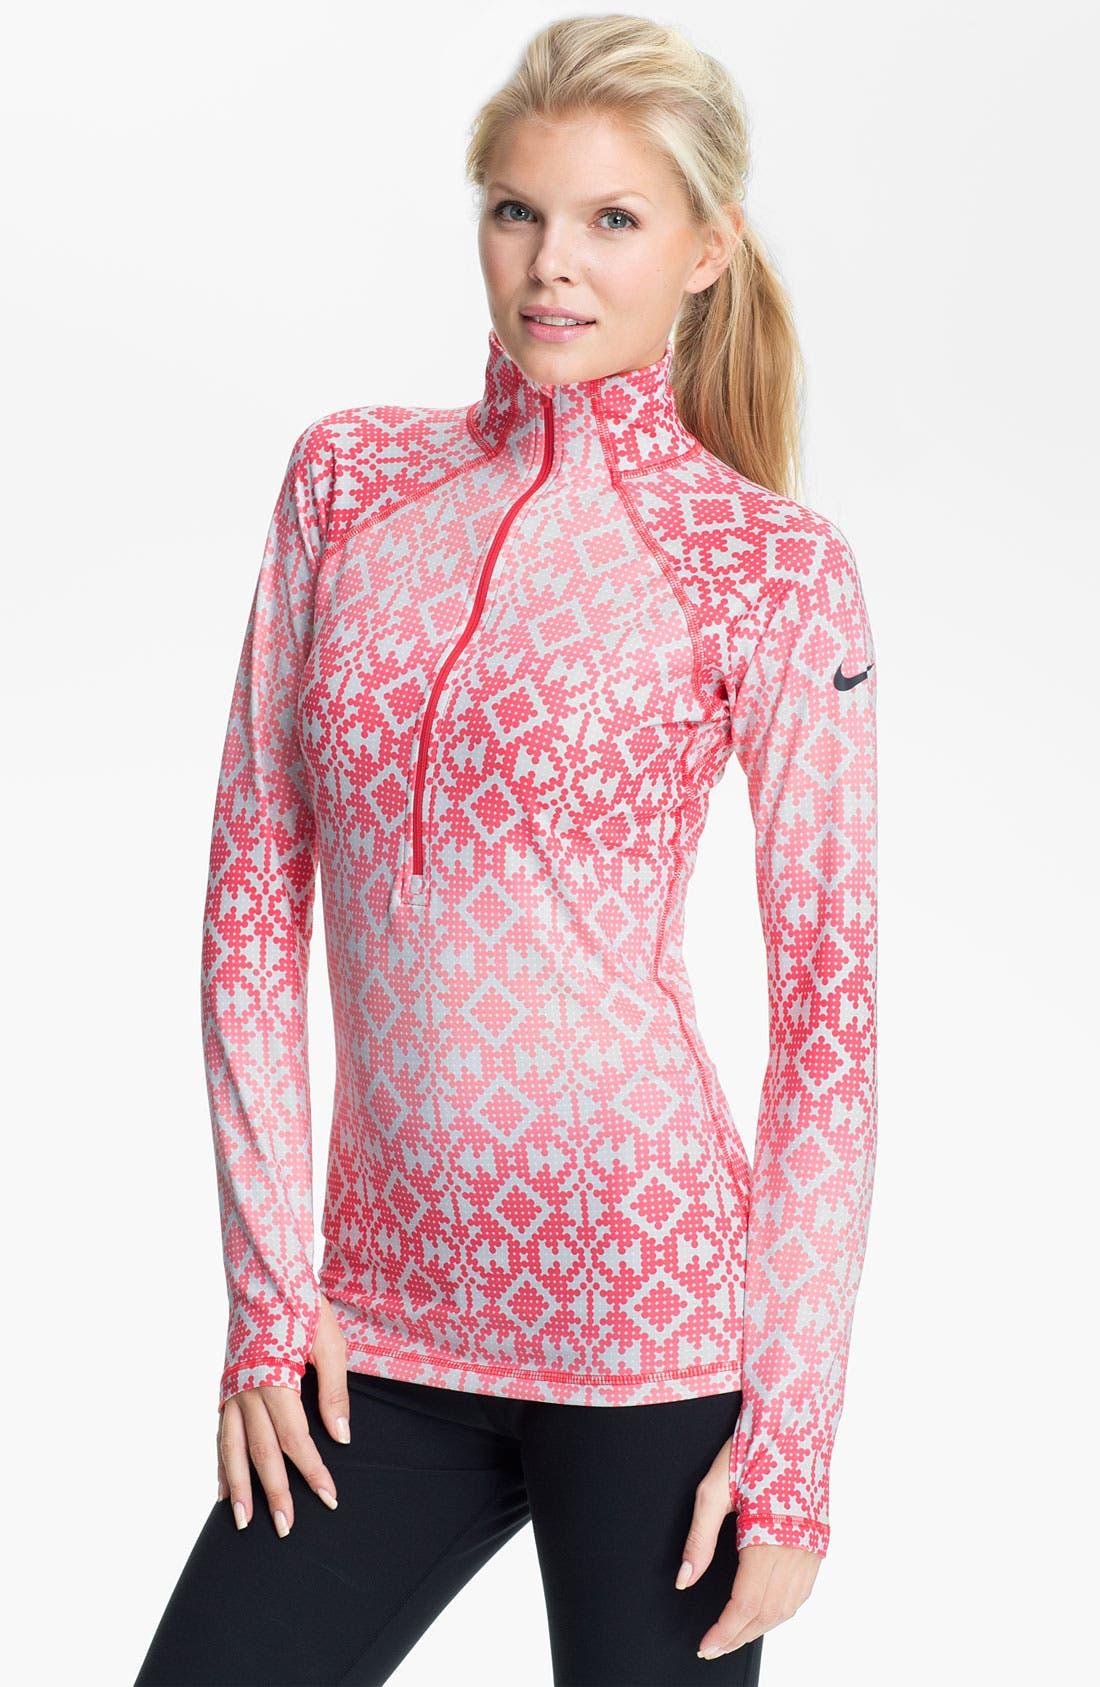 Alternate Image 1 Selected - Nike 'Pro Hyperwarm' Print Half Zip Top